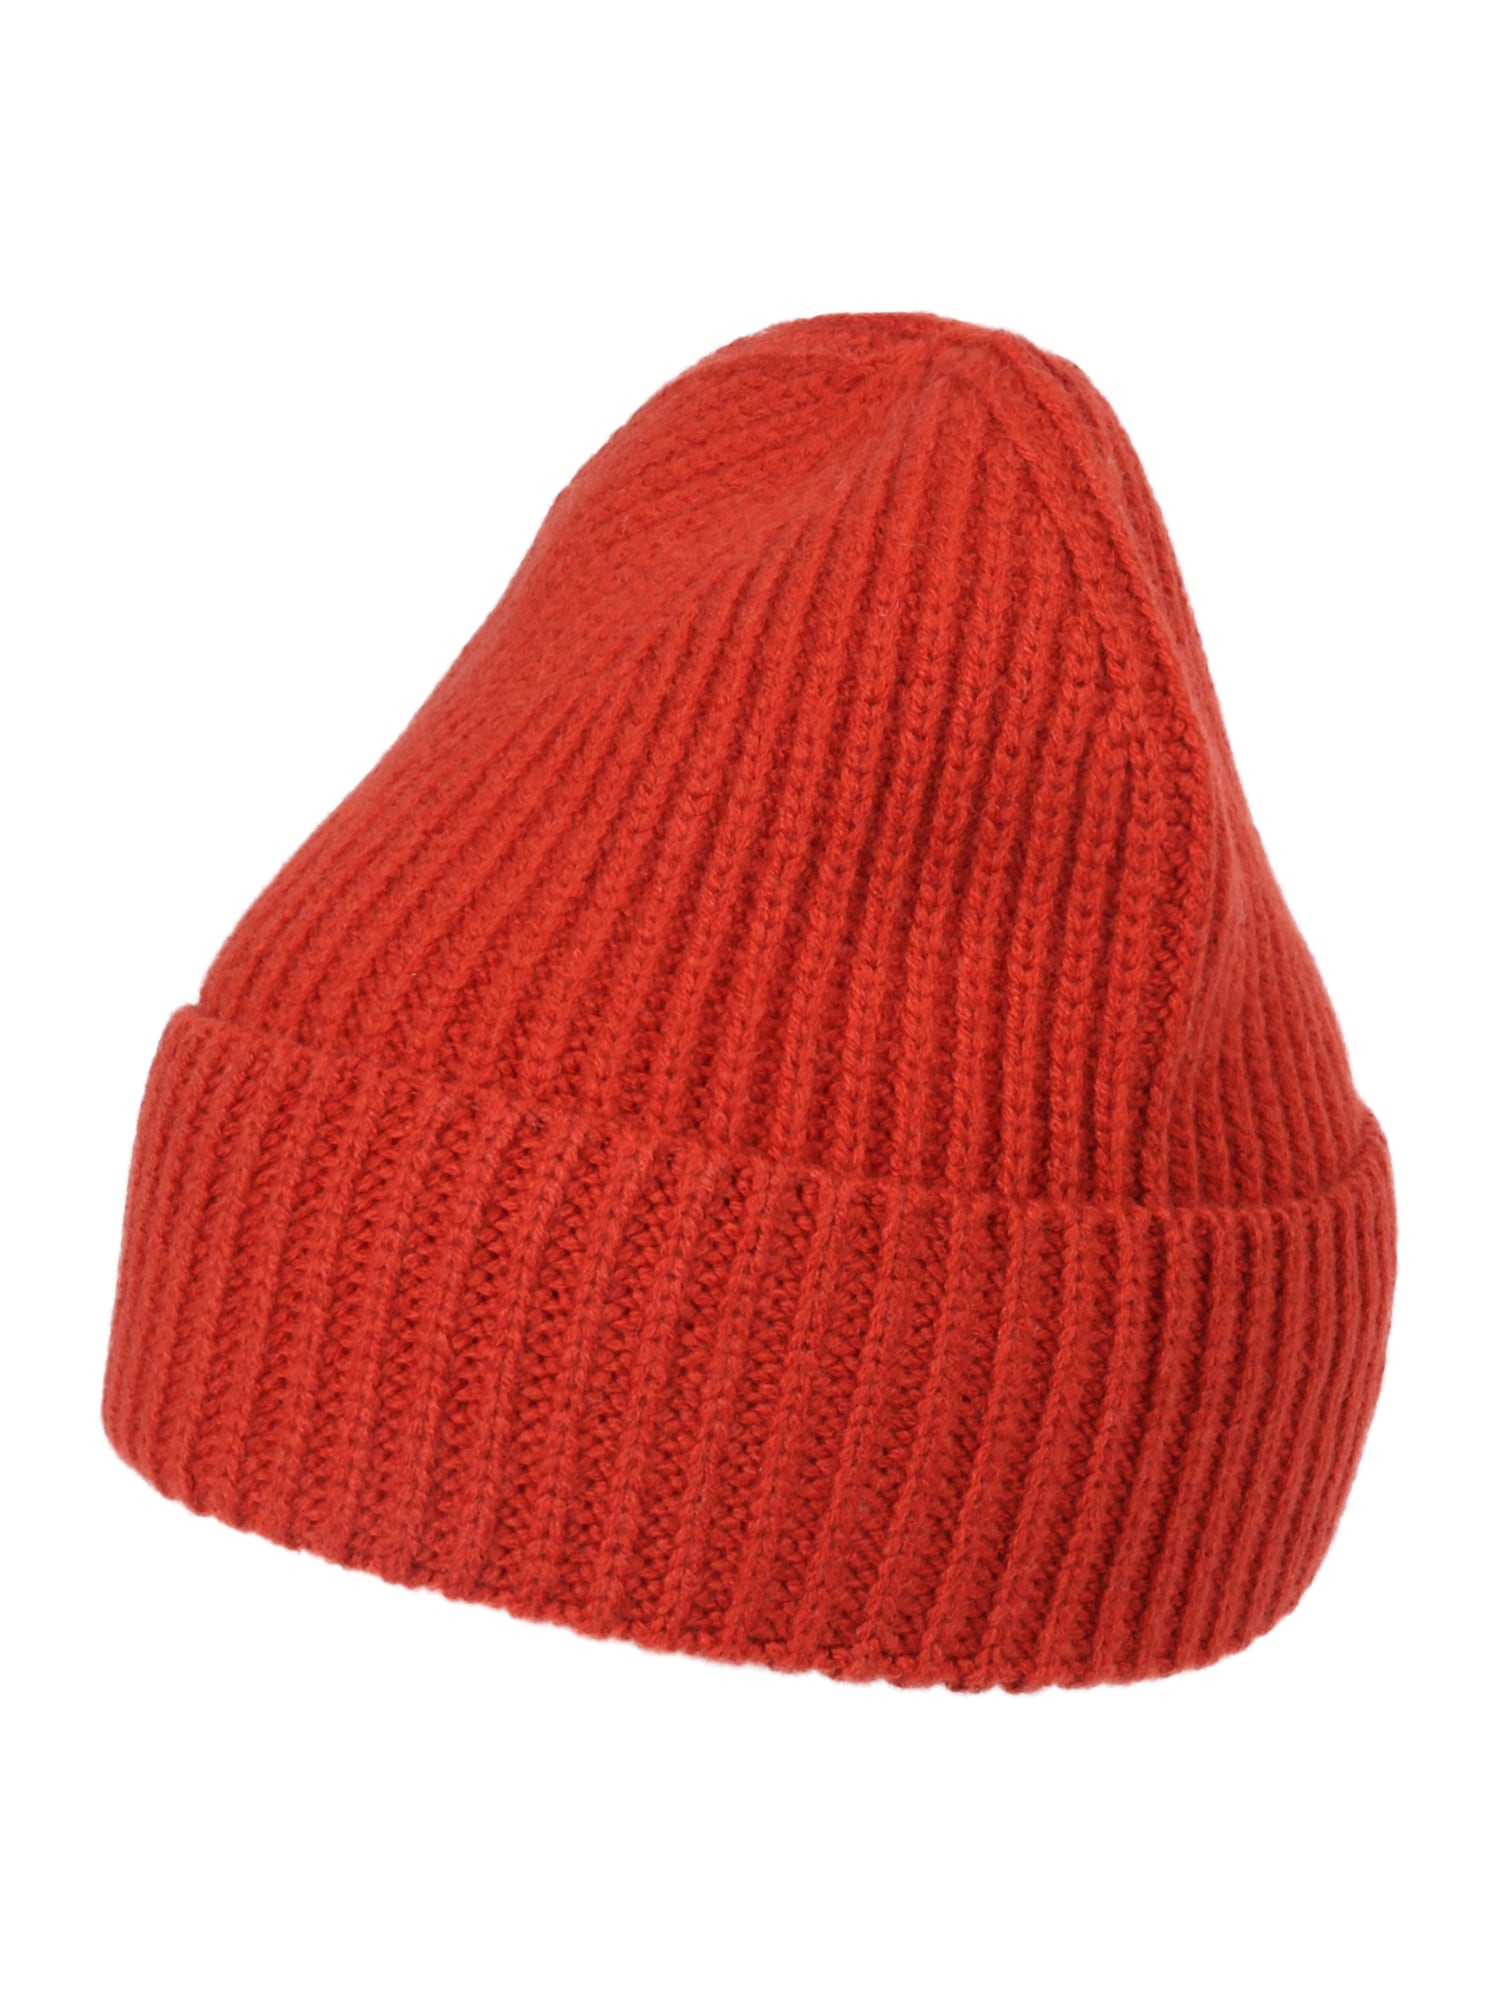 Čepice Evony červená EDITED